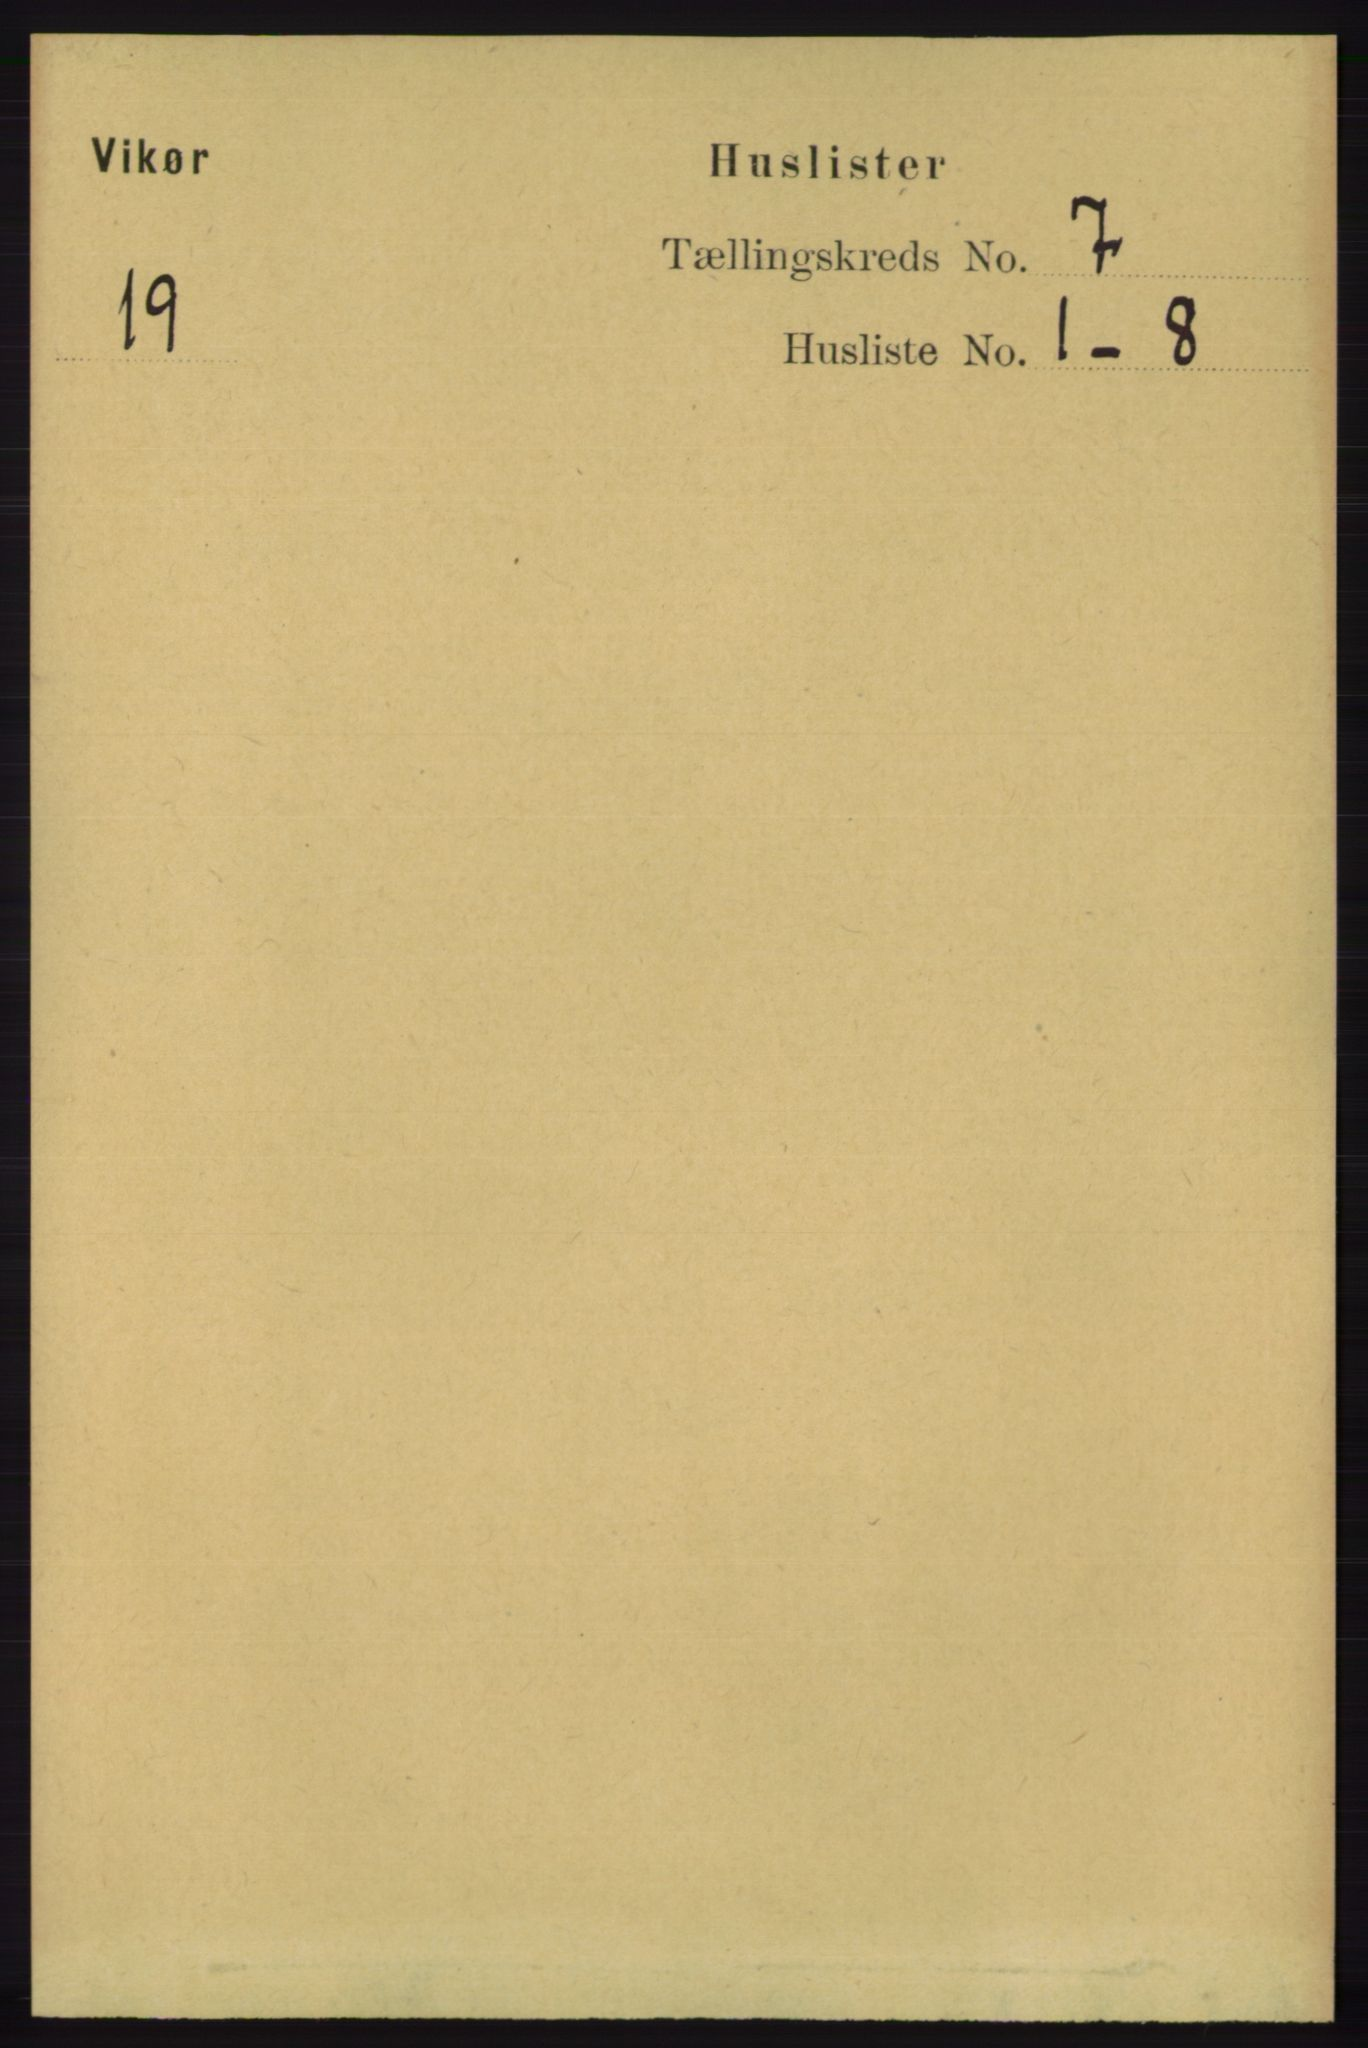 RA, Folketelling 1891 for 1238 Vikør herred, 1891, s. 2199